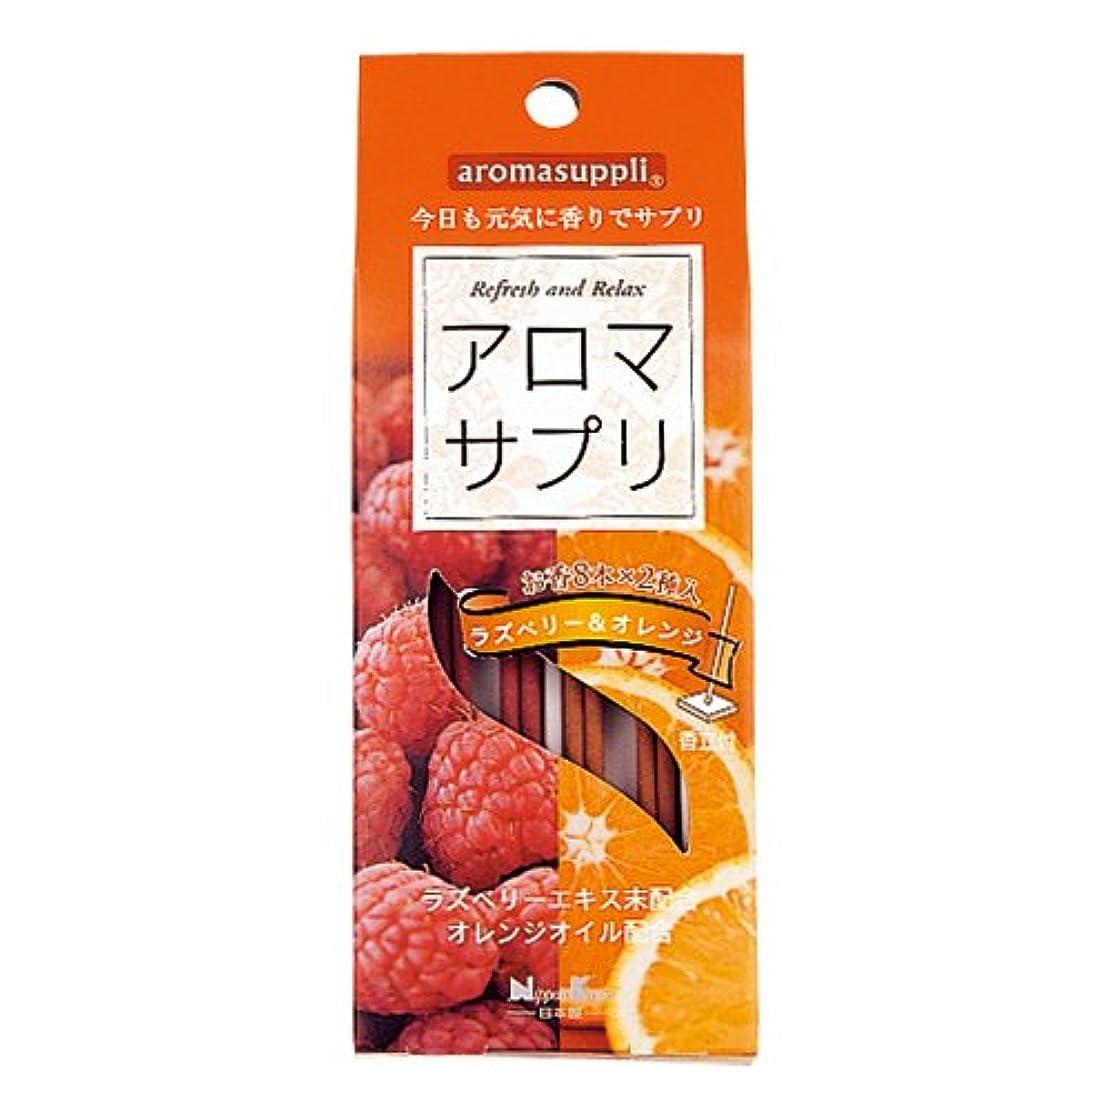 出発する回路反対【X10個セット】 アロマサプリ ラズベリー&オレンジ 8本入×2種